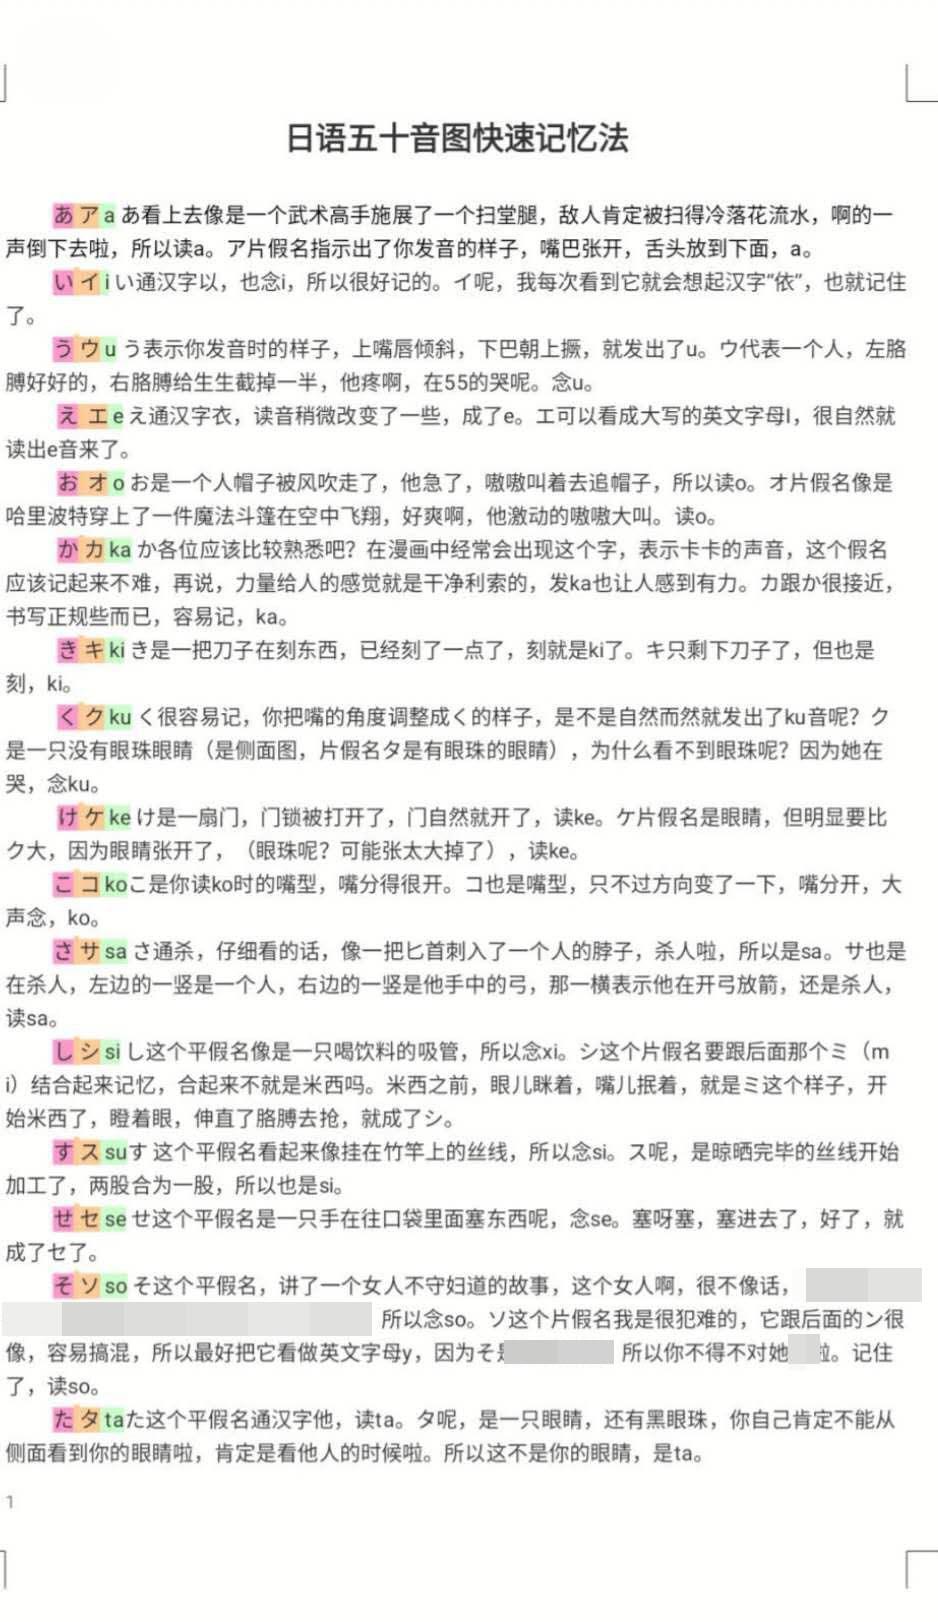 三峡大学课件有不雅言论教师被停课,曾选修学生:表达过不满